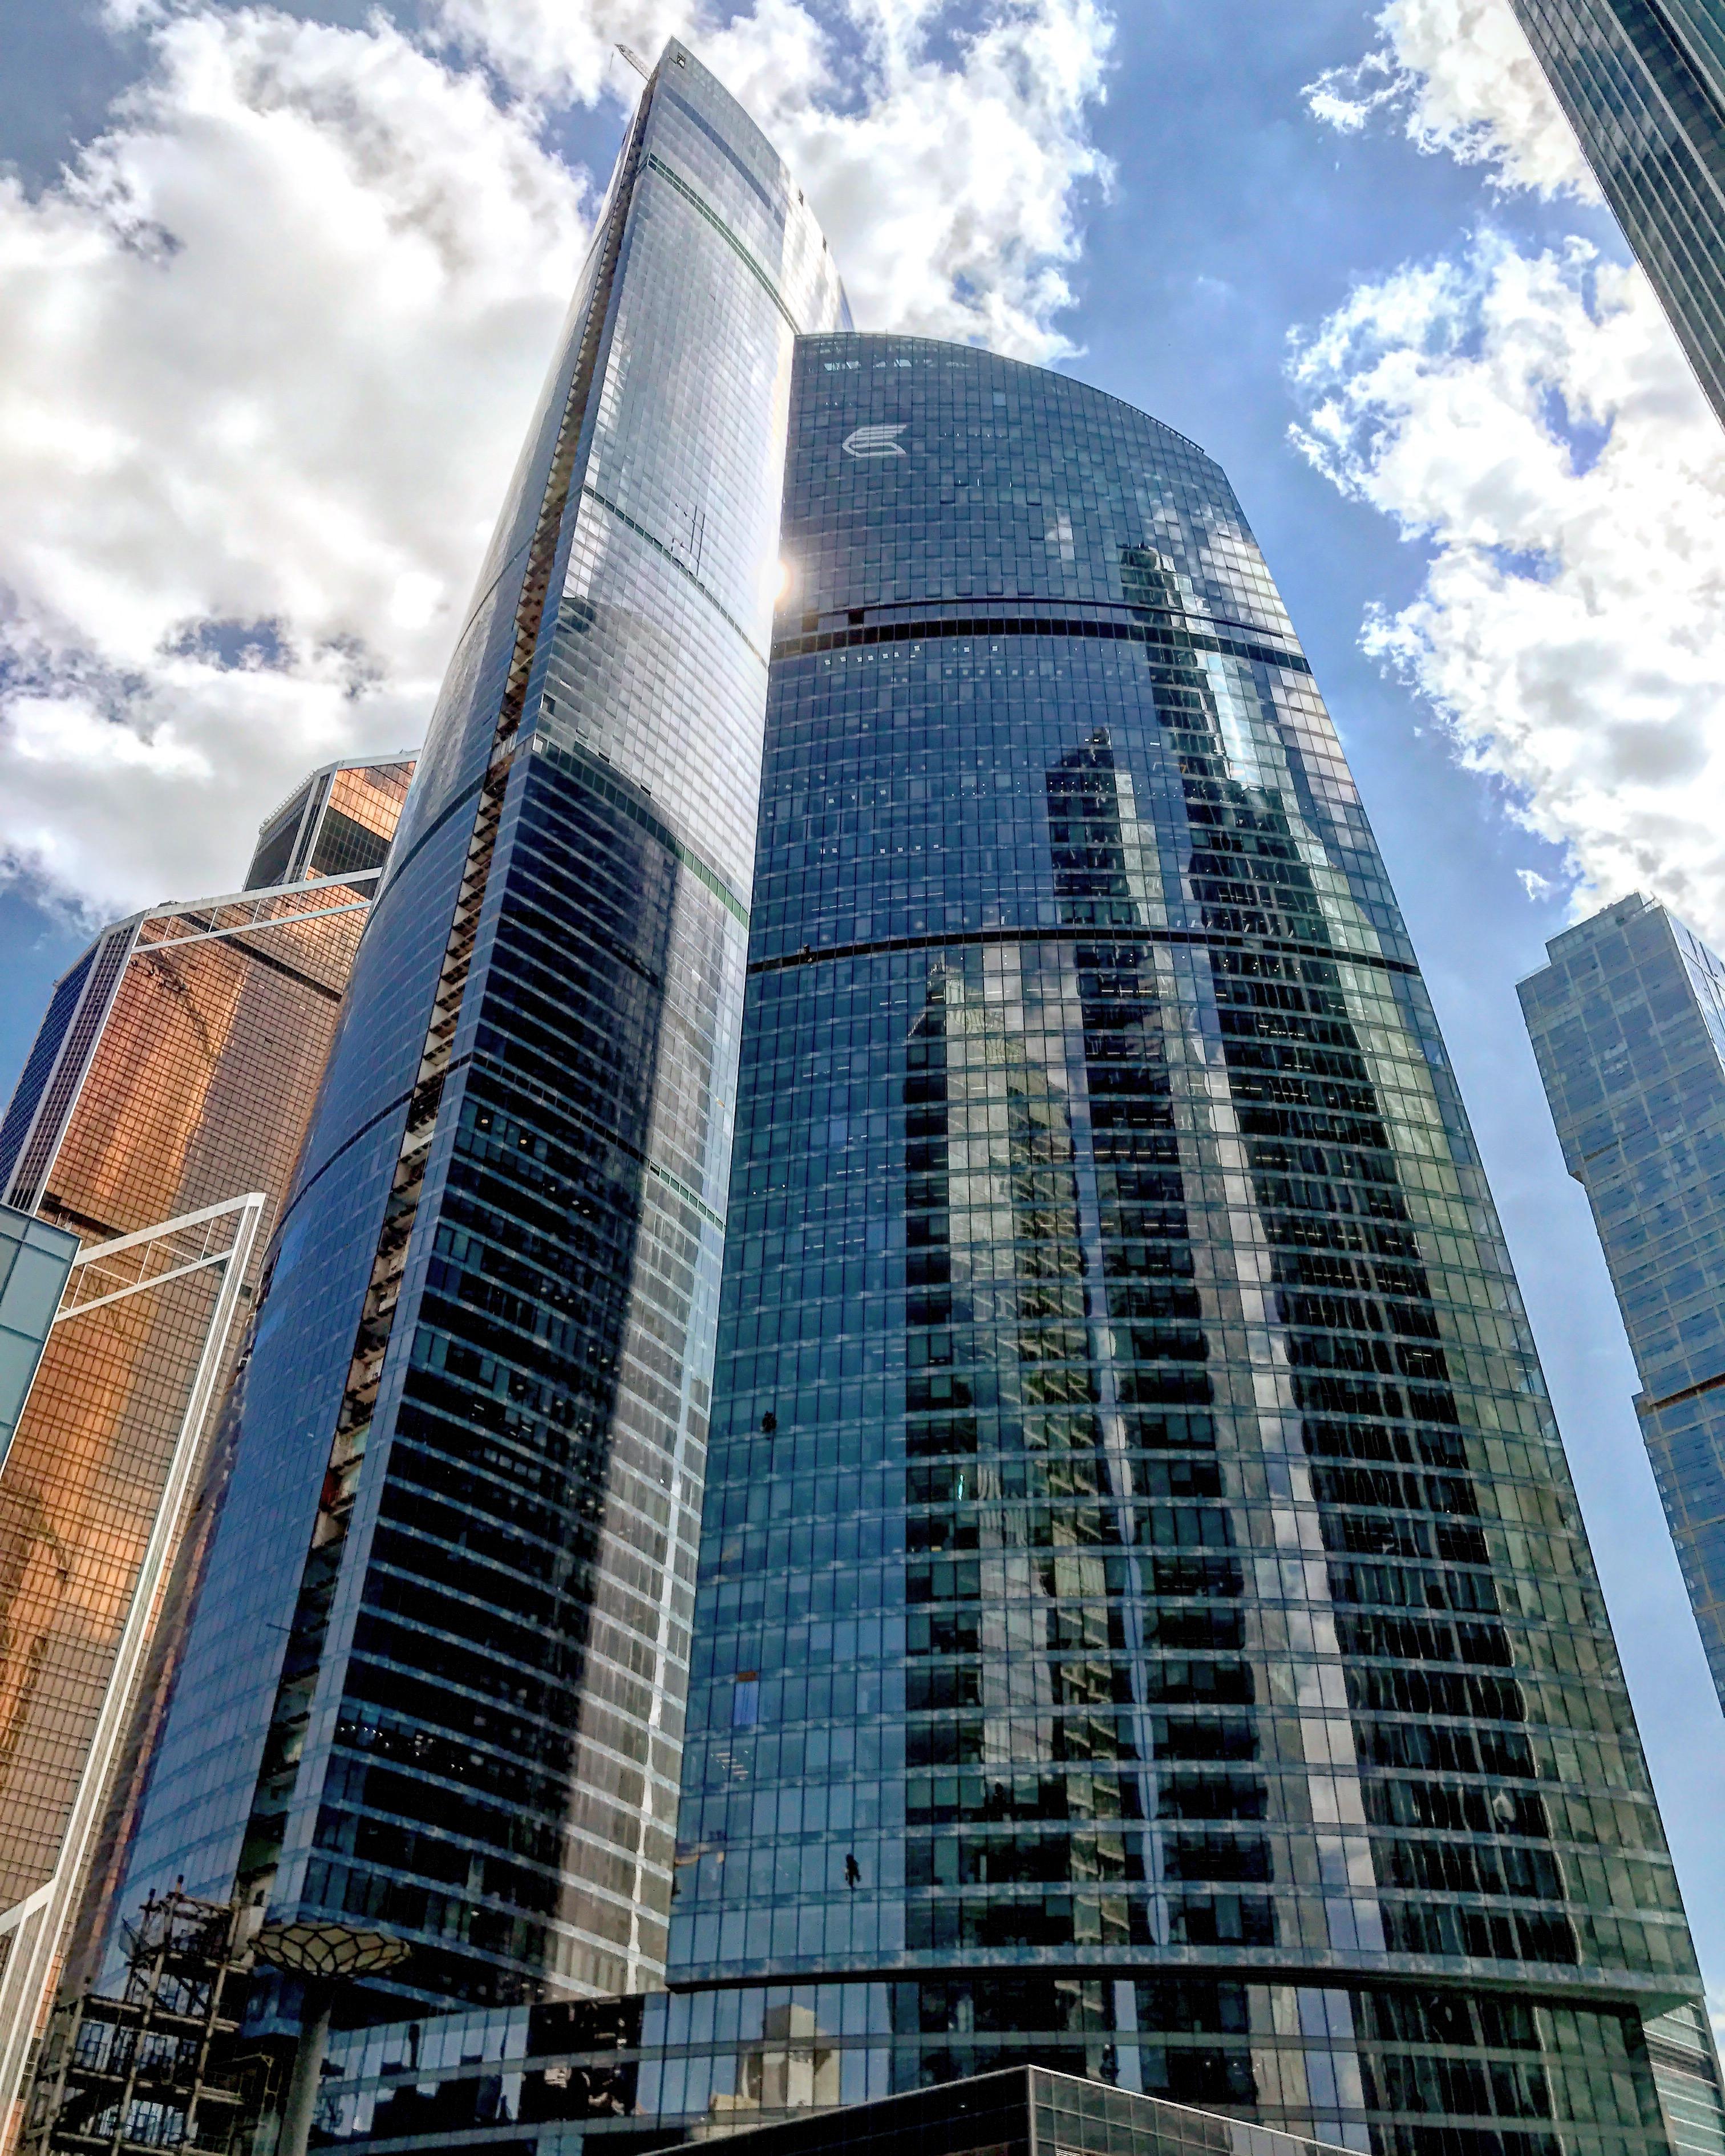 как выглядит башня федерация фото